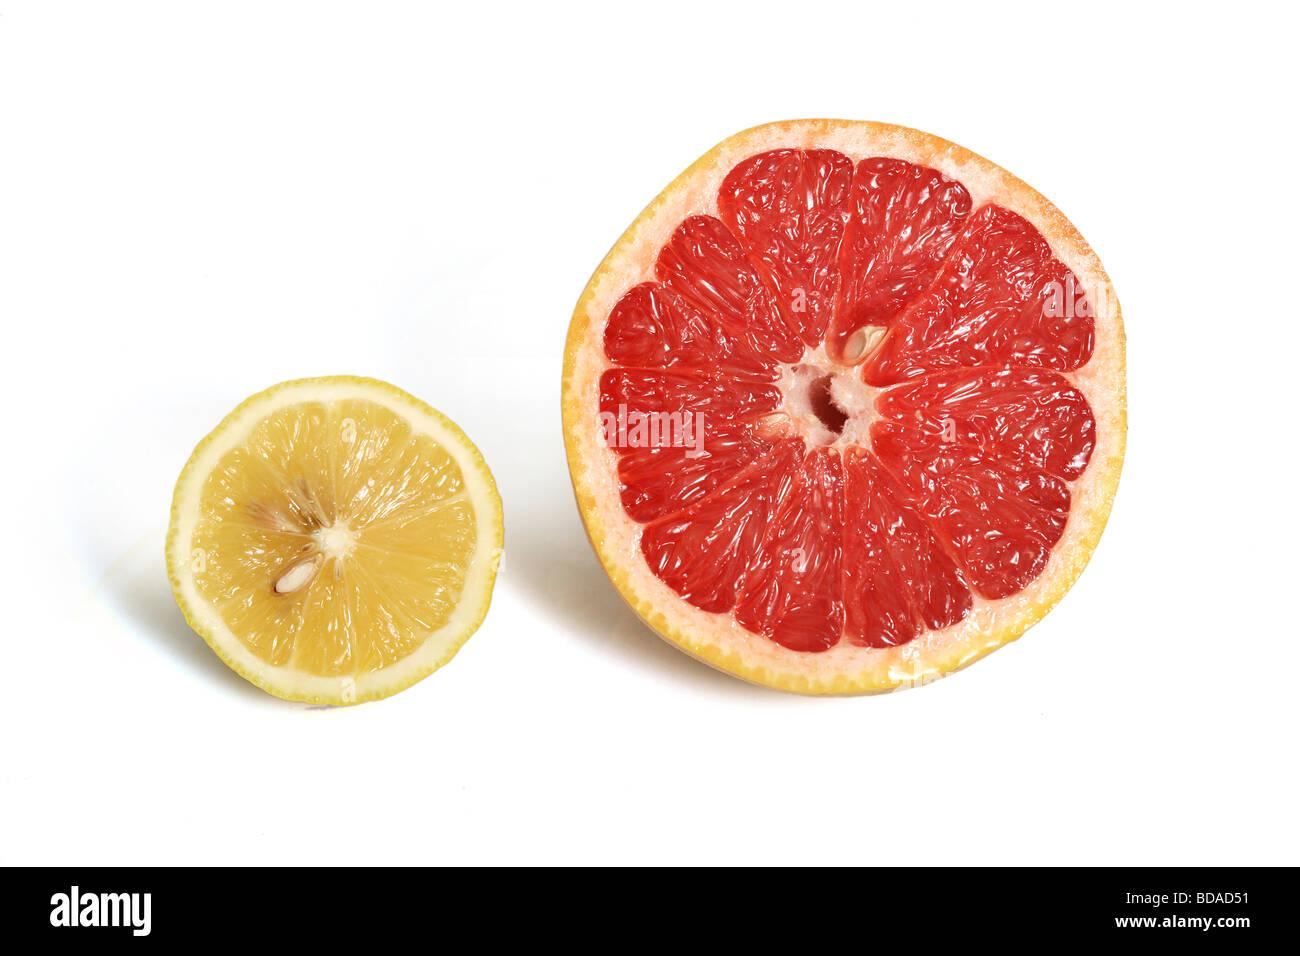 Obst, Stillleben Stockbild